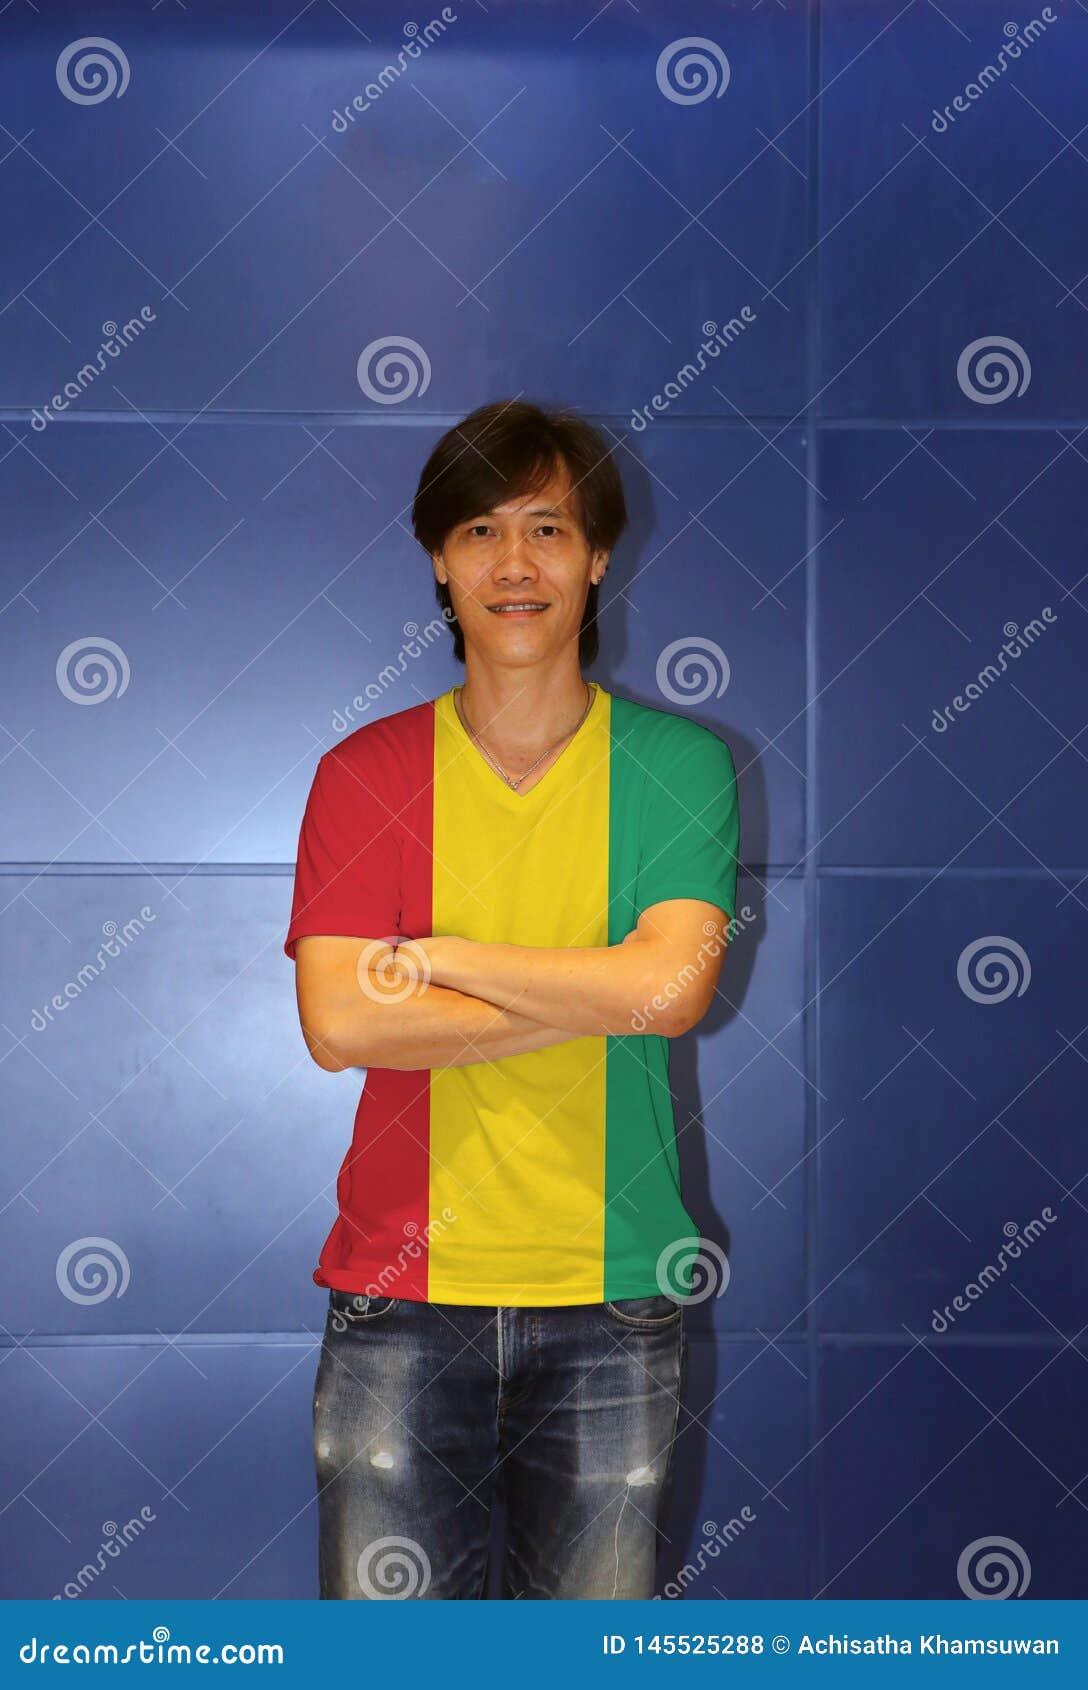 Camisa vestindo do teste padr?o da bandeira da Guin? do homem e para cruzar seu bra?o no fundo azul da parede